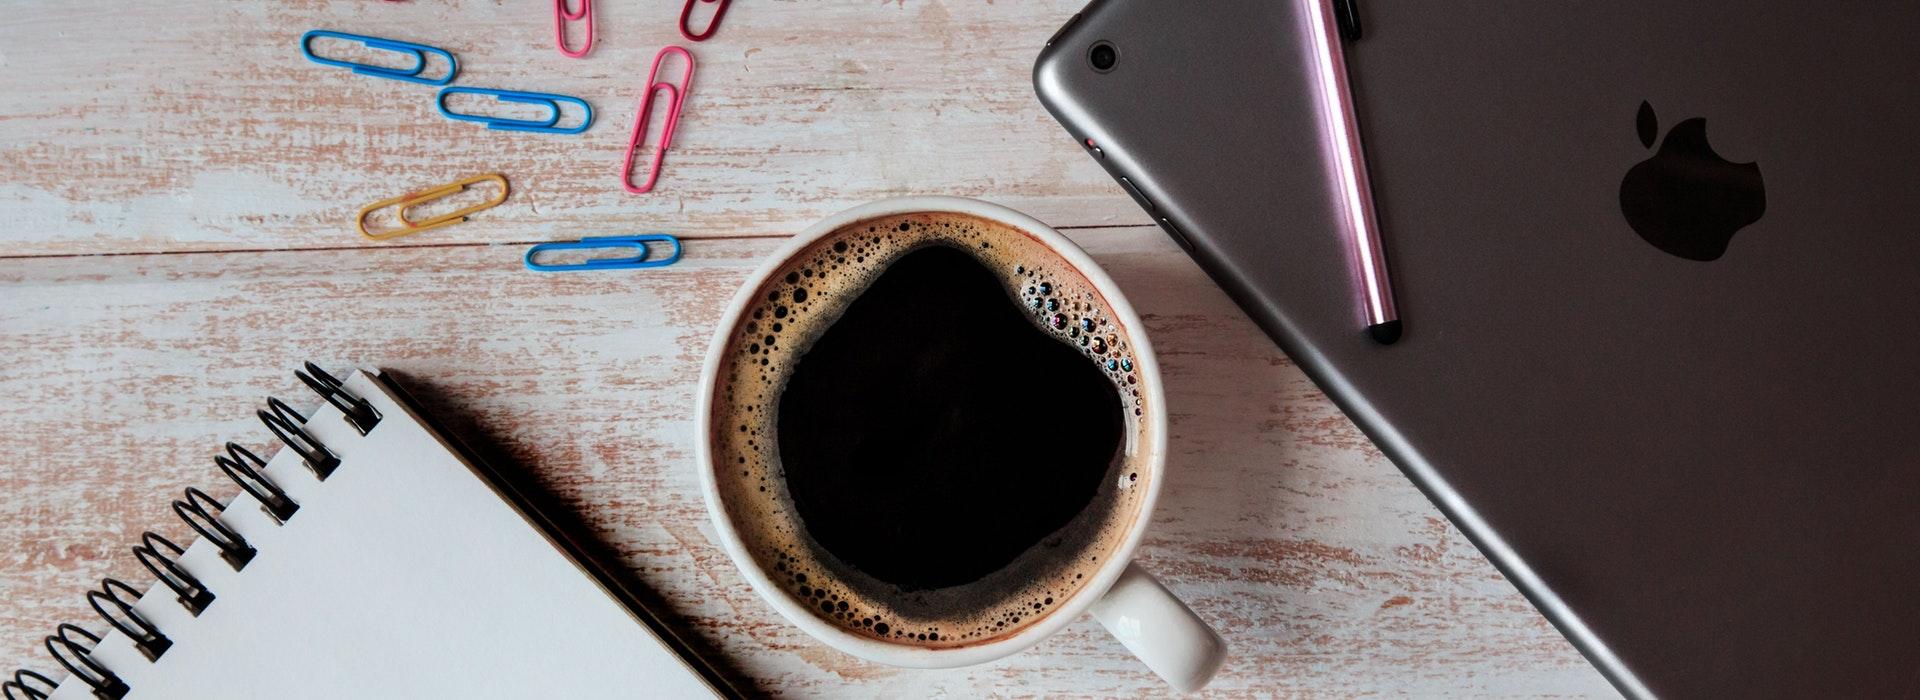 Un ordinateur portable argenté, des pinces à papier colorées et une tasse de café sont disposés sur un bureau blanc